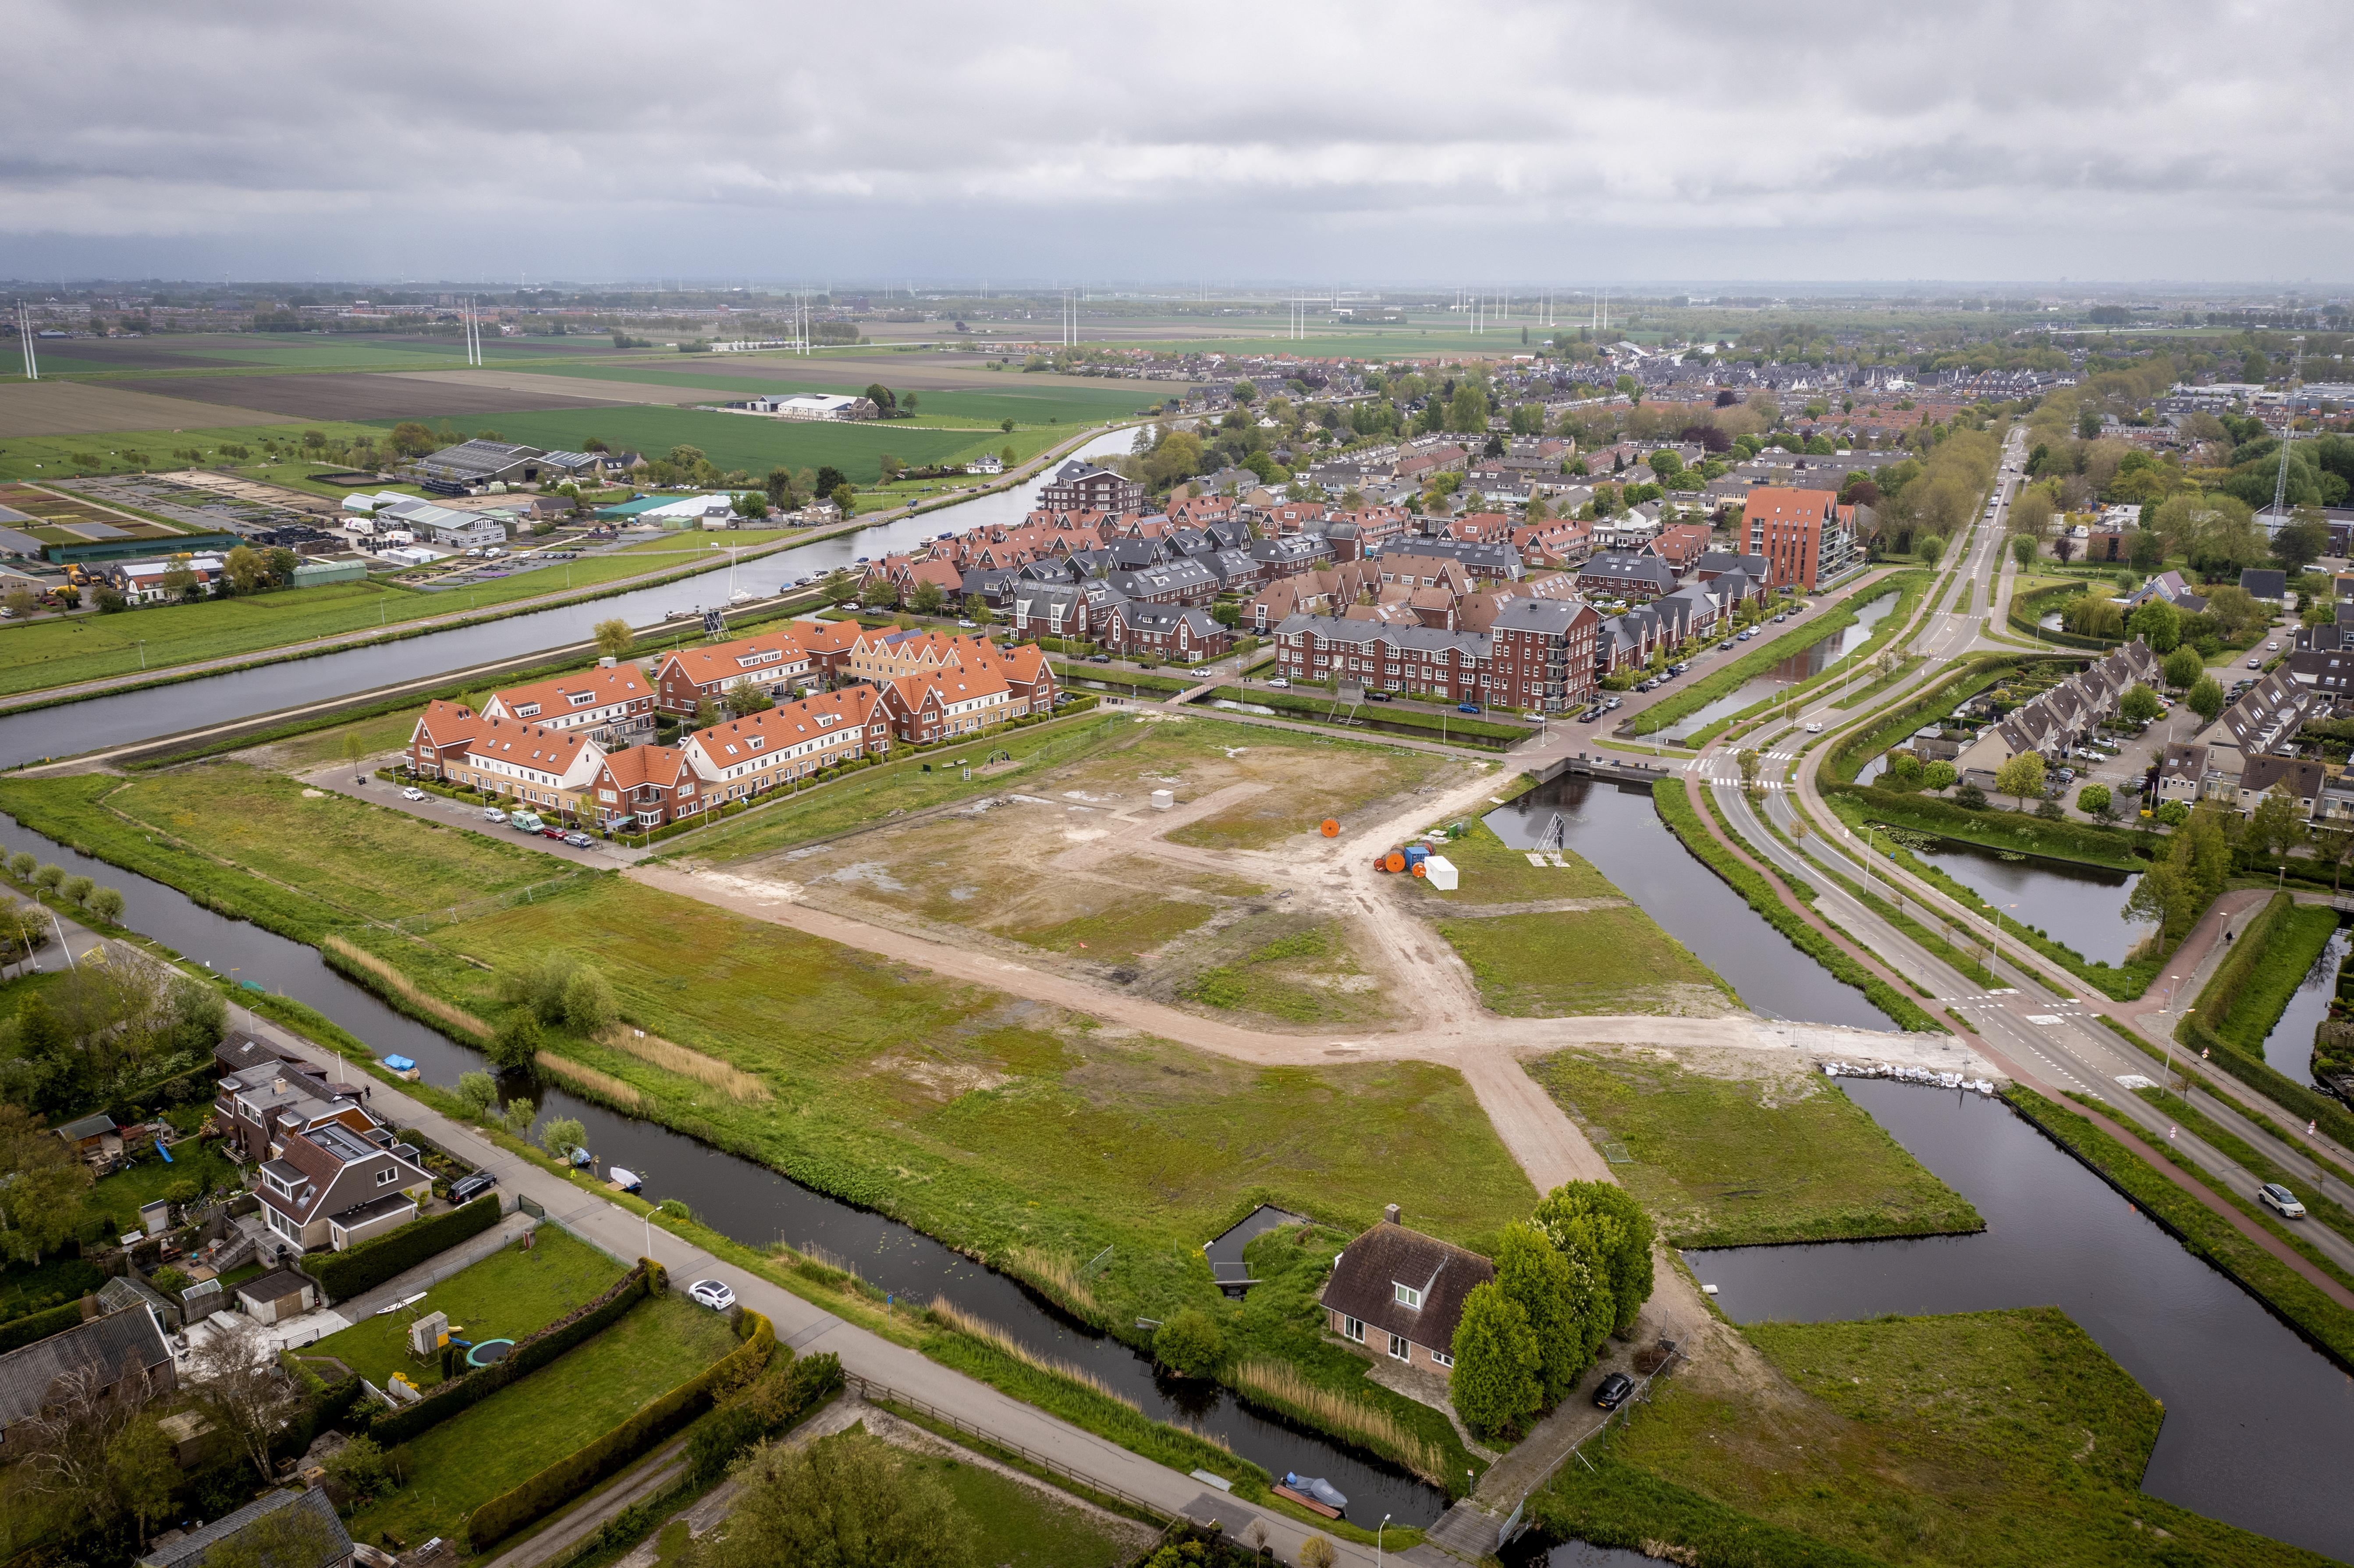 Ontwikkelaar zegt koopcontracten 46 woningen Vossepolder op vanwege bezwaar buurvrouw: 'Toen ik het las, barstte ik in huilen uit'